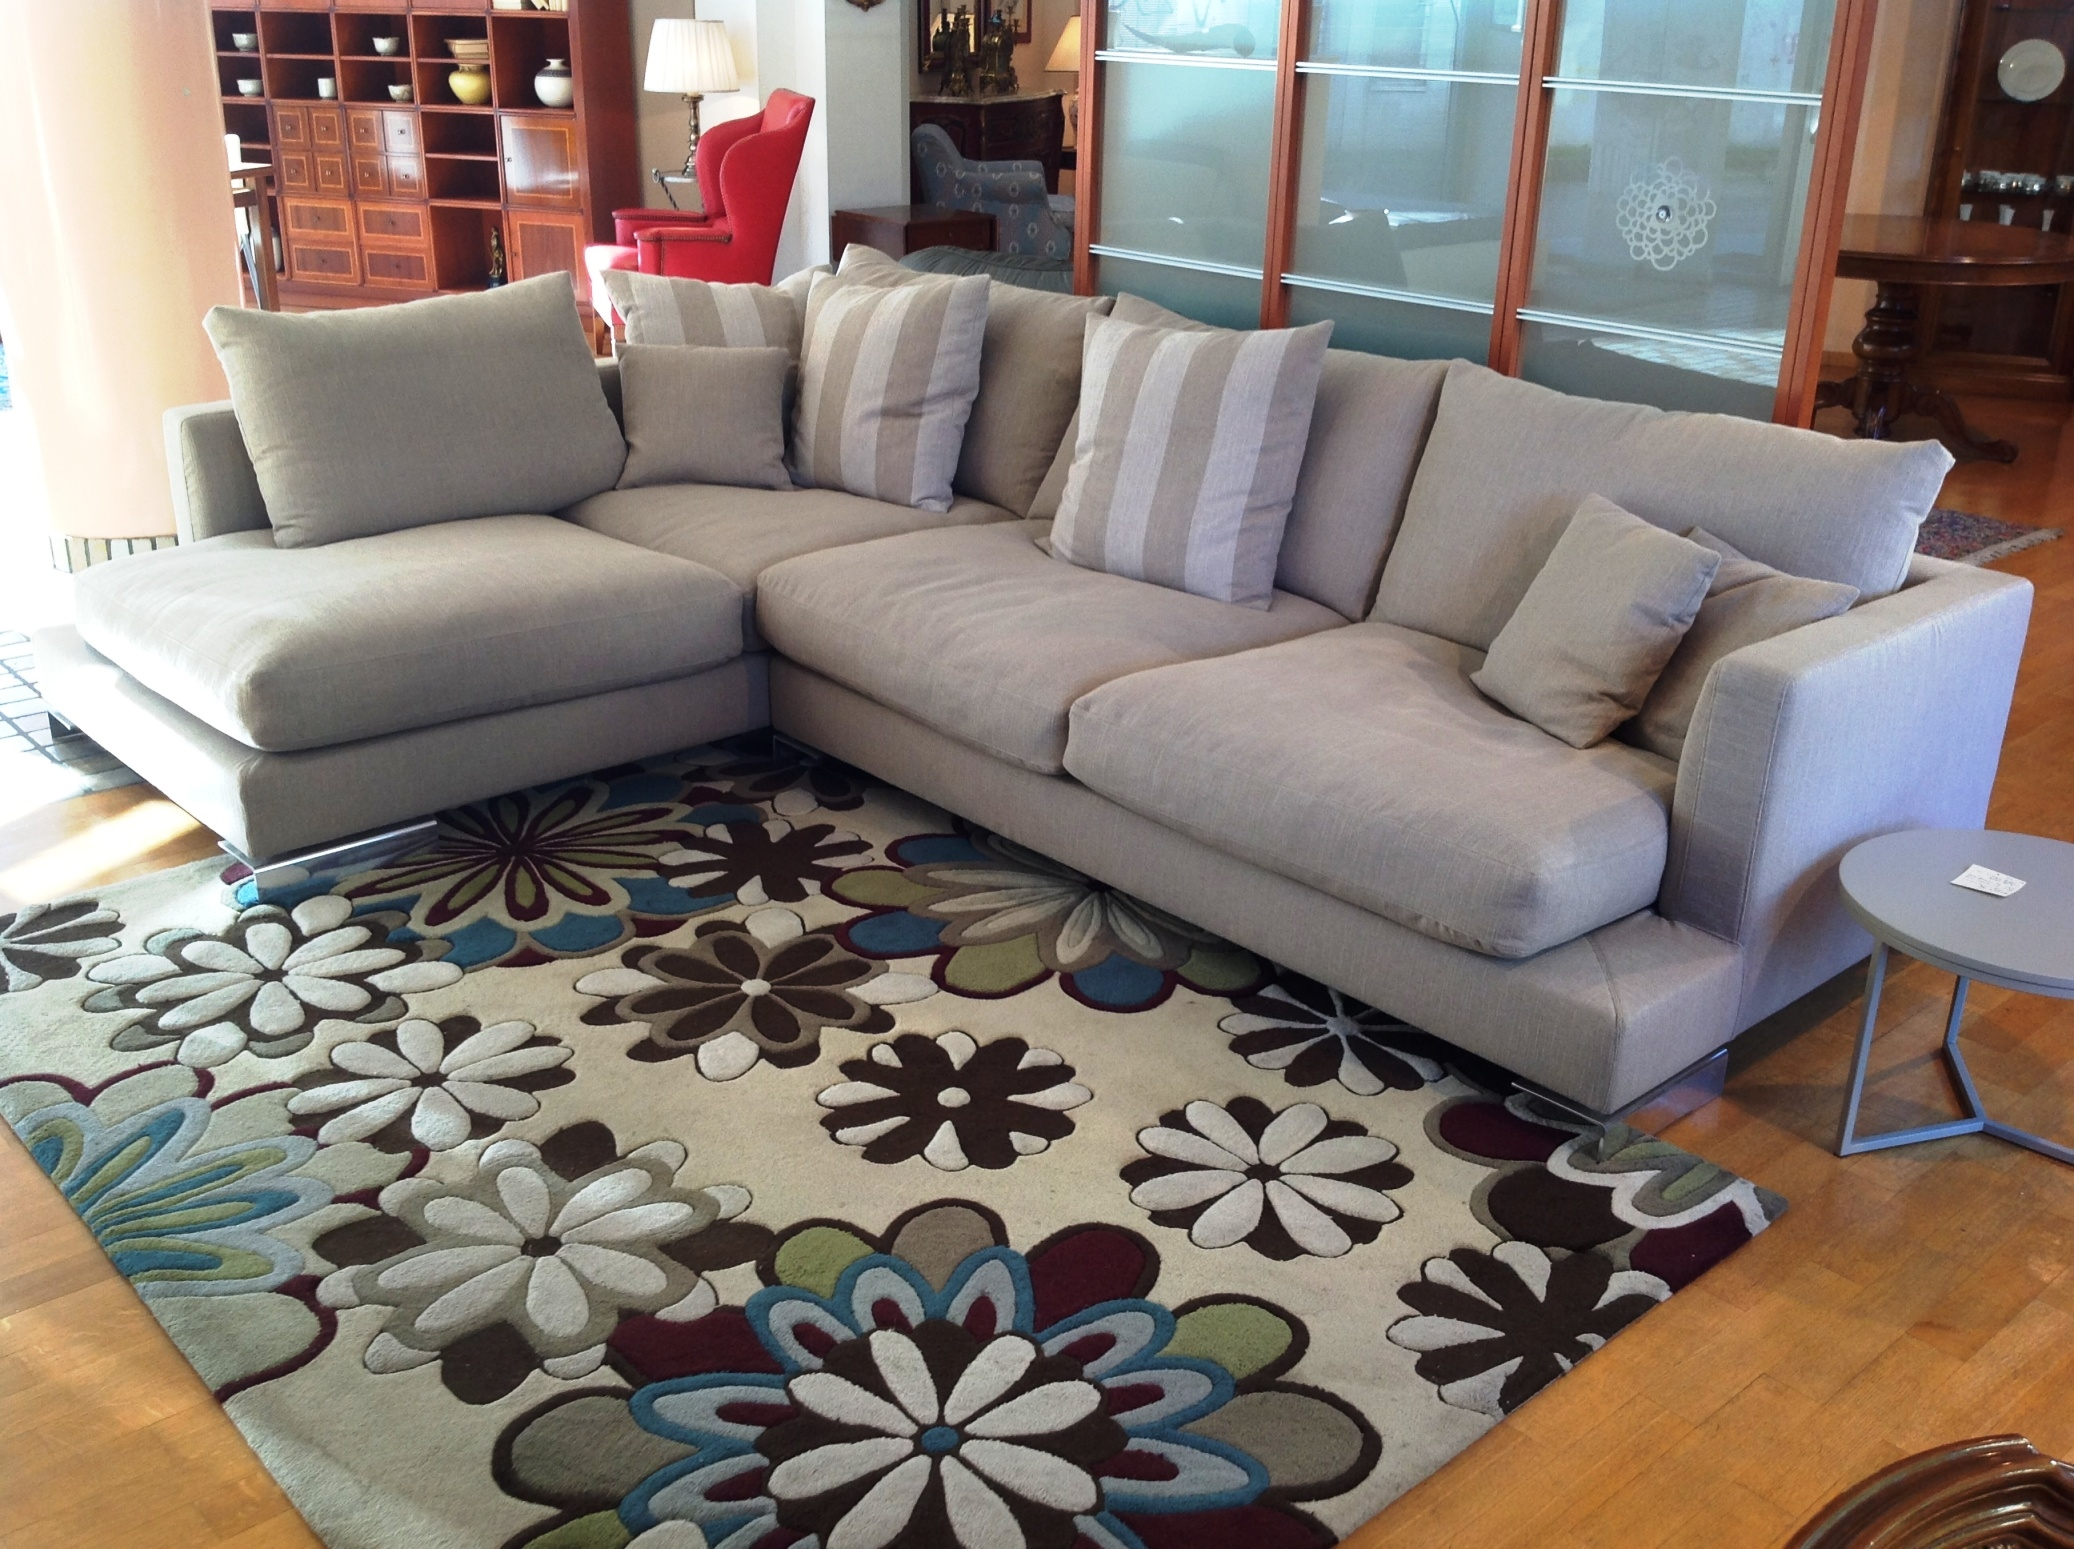 Tappeti per divani angolari modificare una pelliccia - Prodotti per pulire il divano in tessuto ...